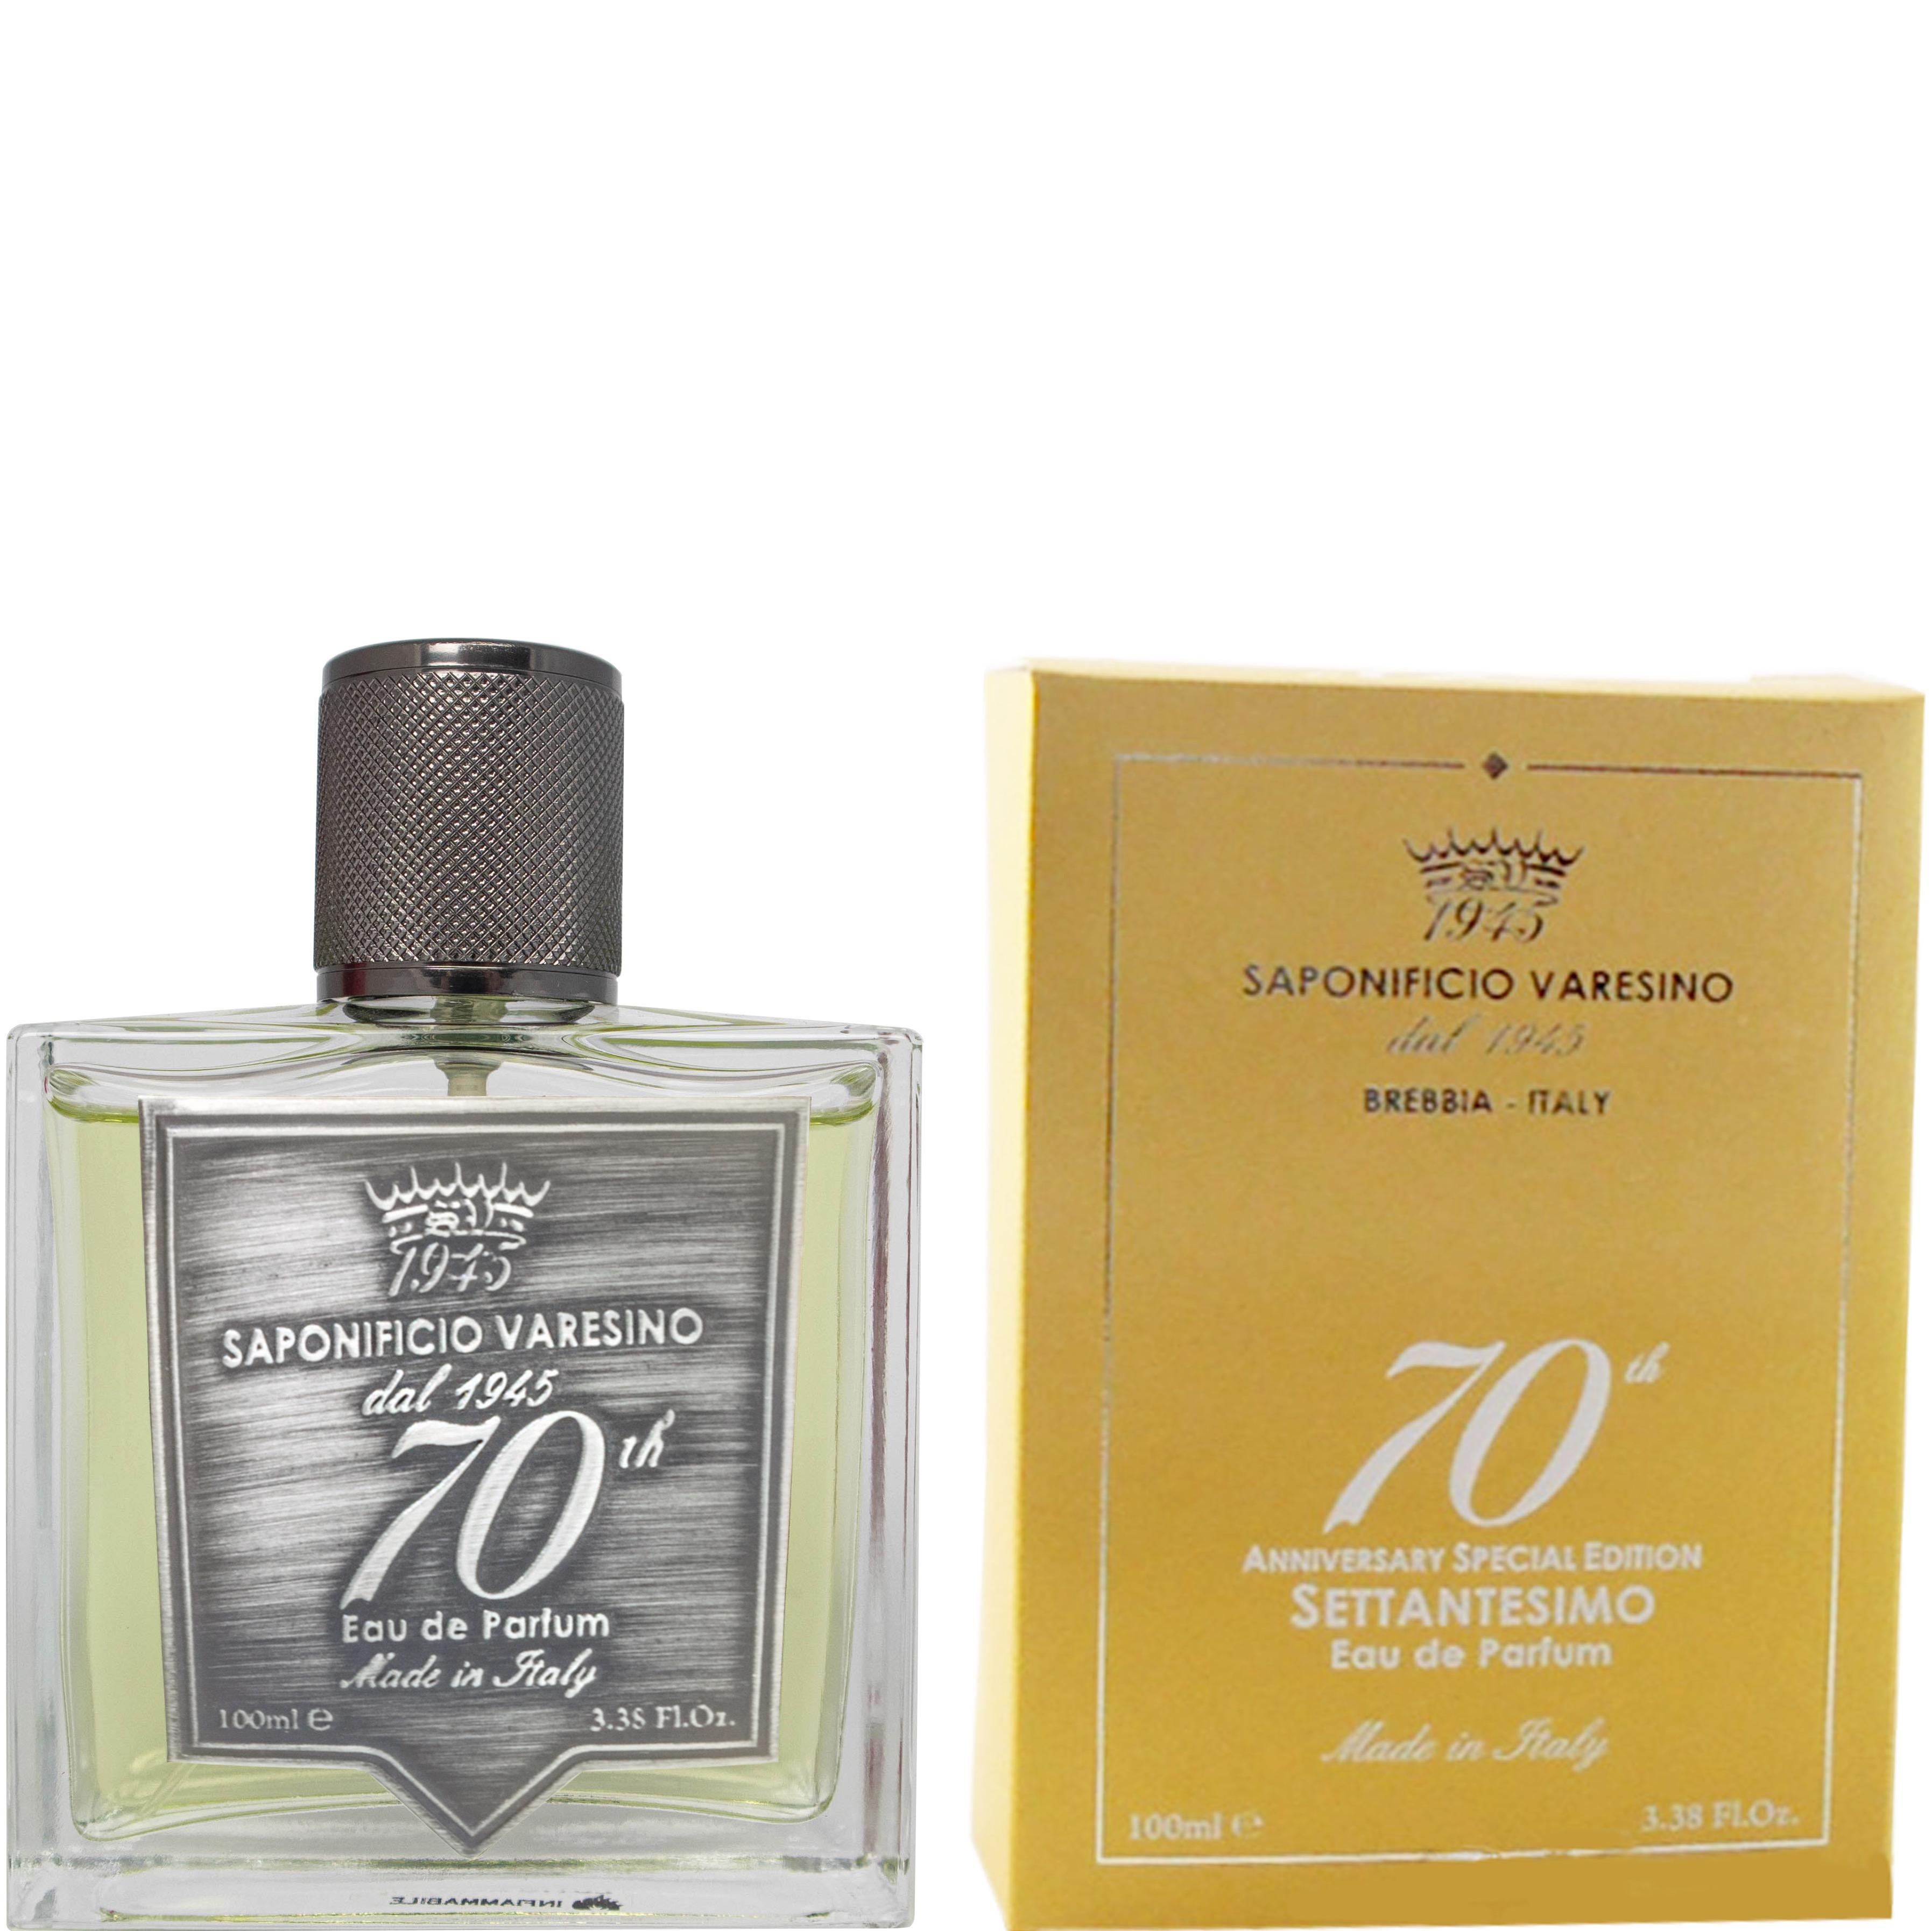 Eau de Parfum 70th Anniversary -